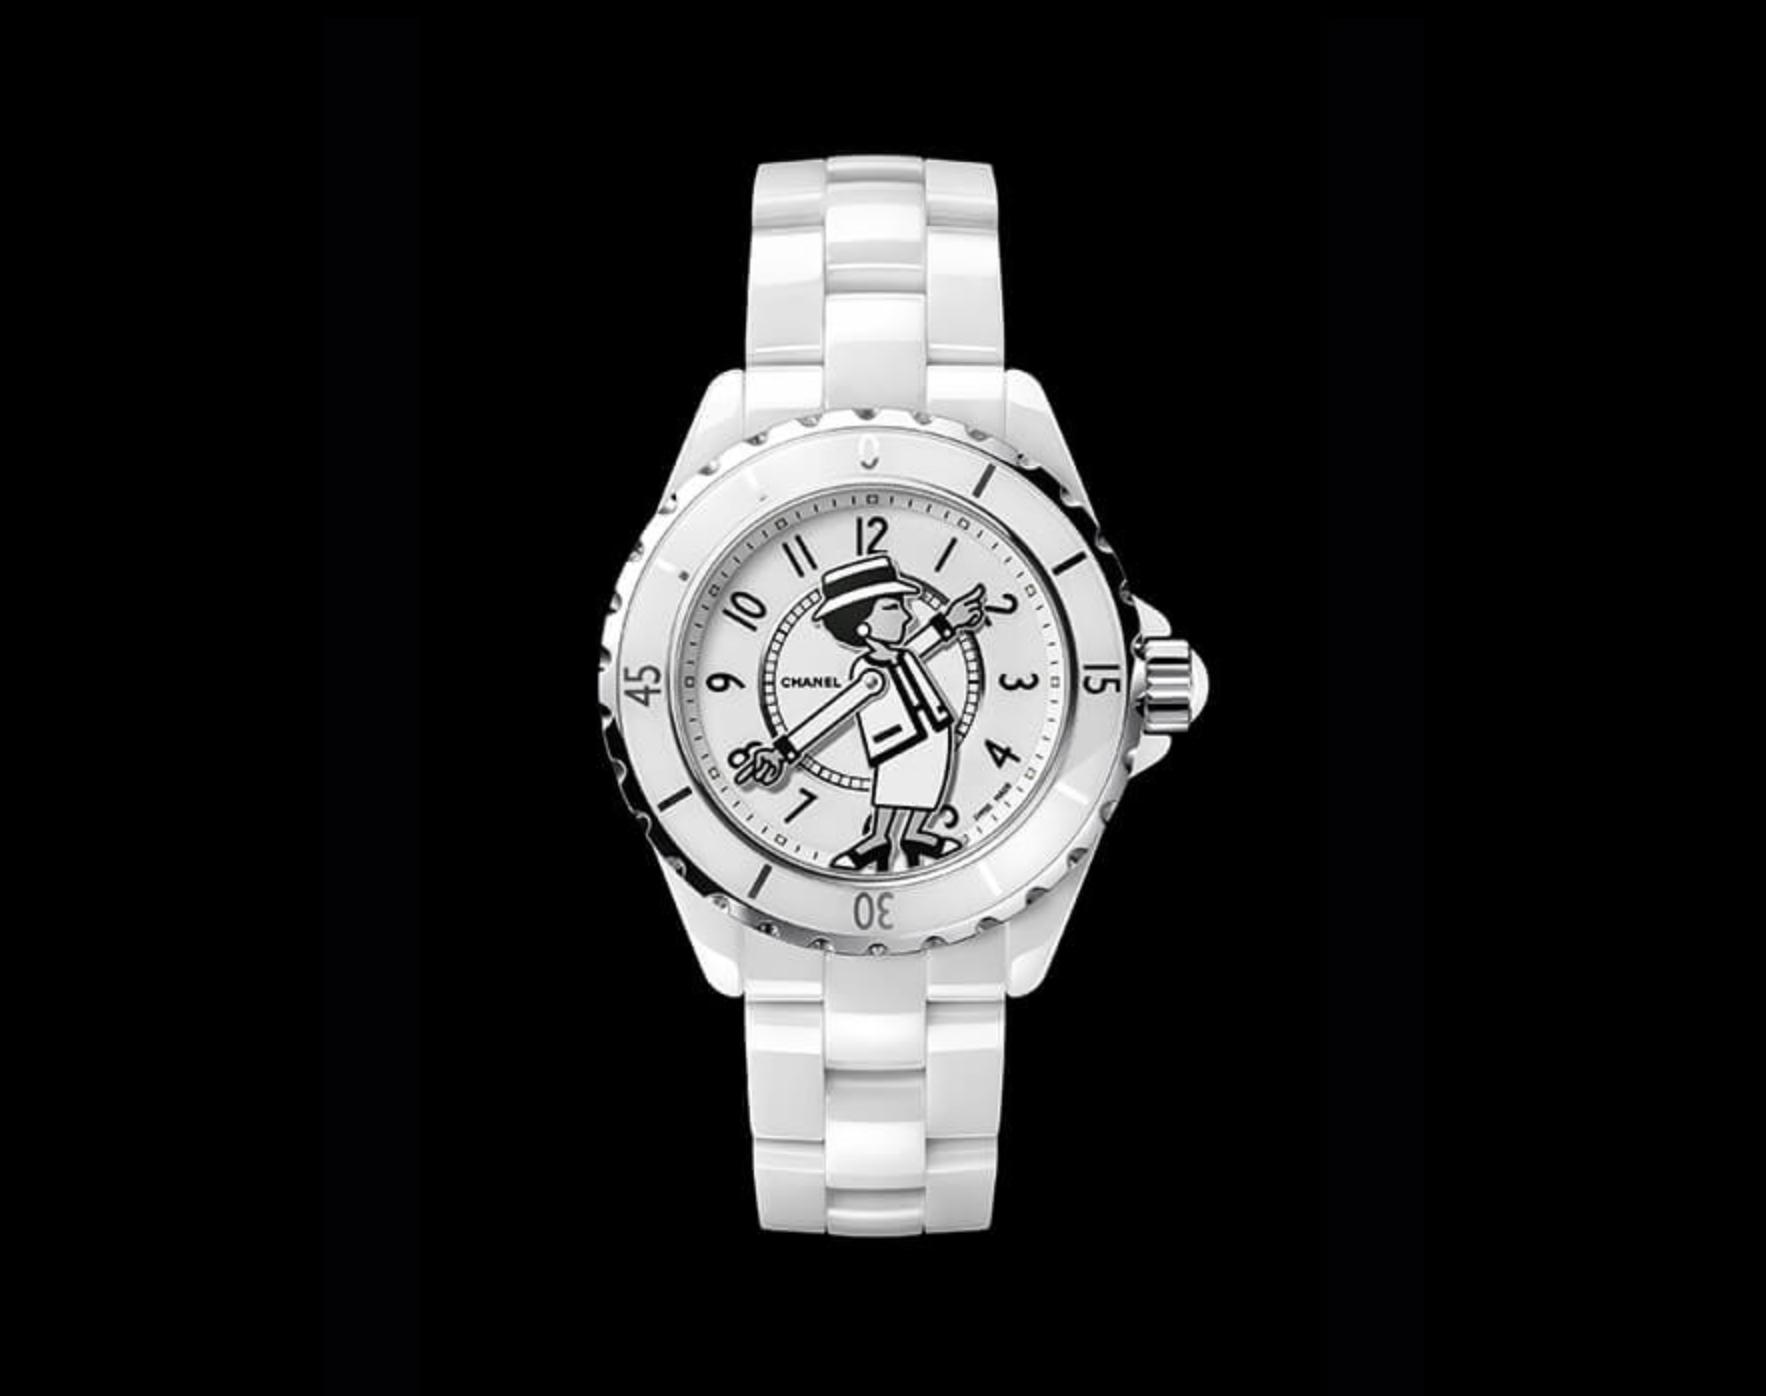 ... de la relojería en Chanel cad10a854dcf